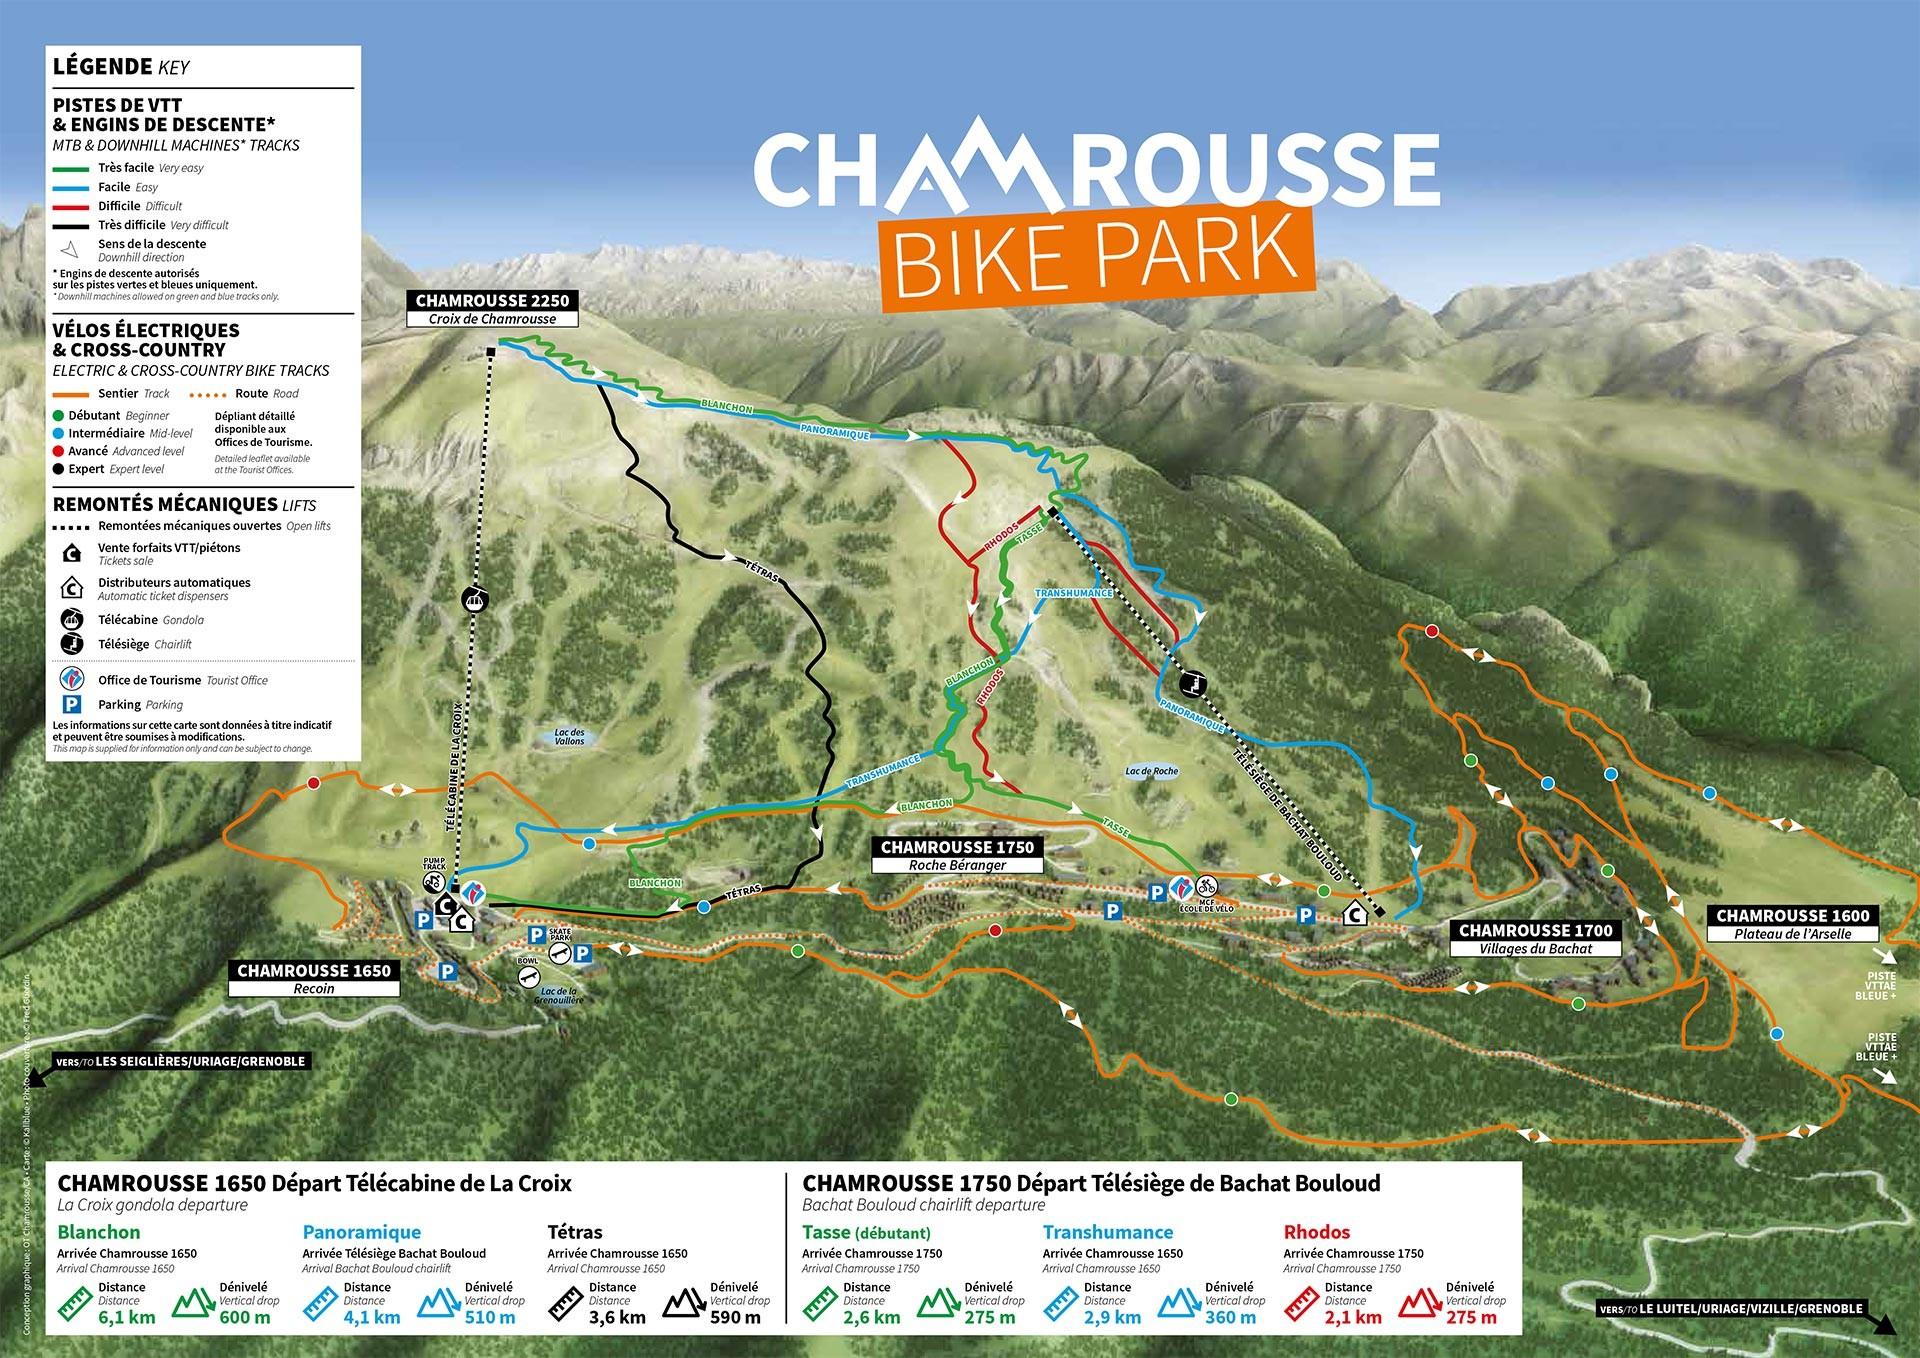 Chamrousse plan VTT bike park vtt descente vtt enduro vtt cross-country vttae été station montagne grenoble isère alpes france